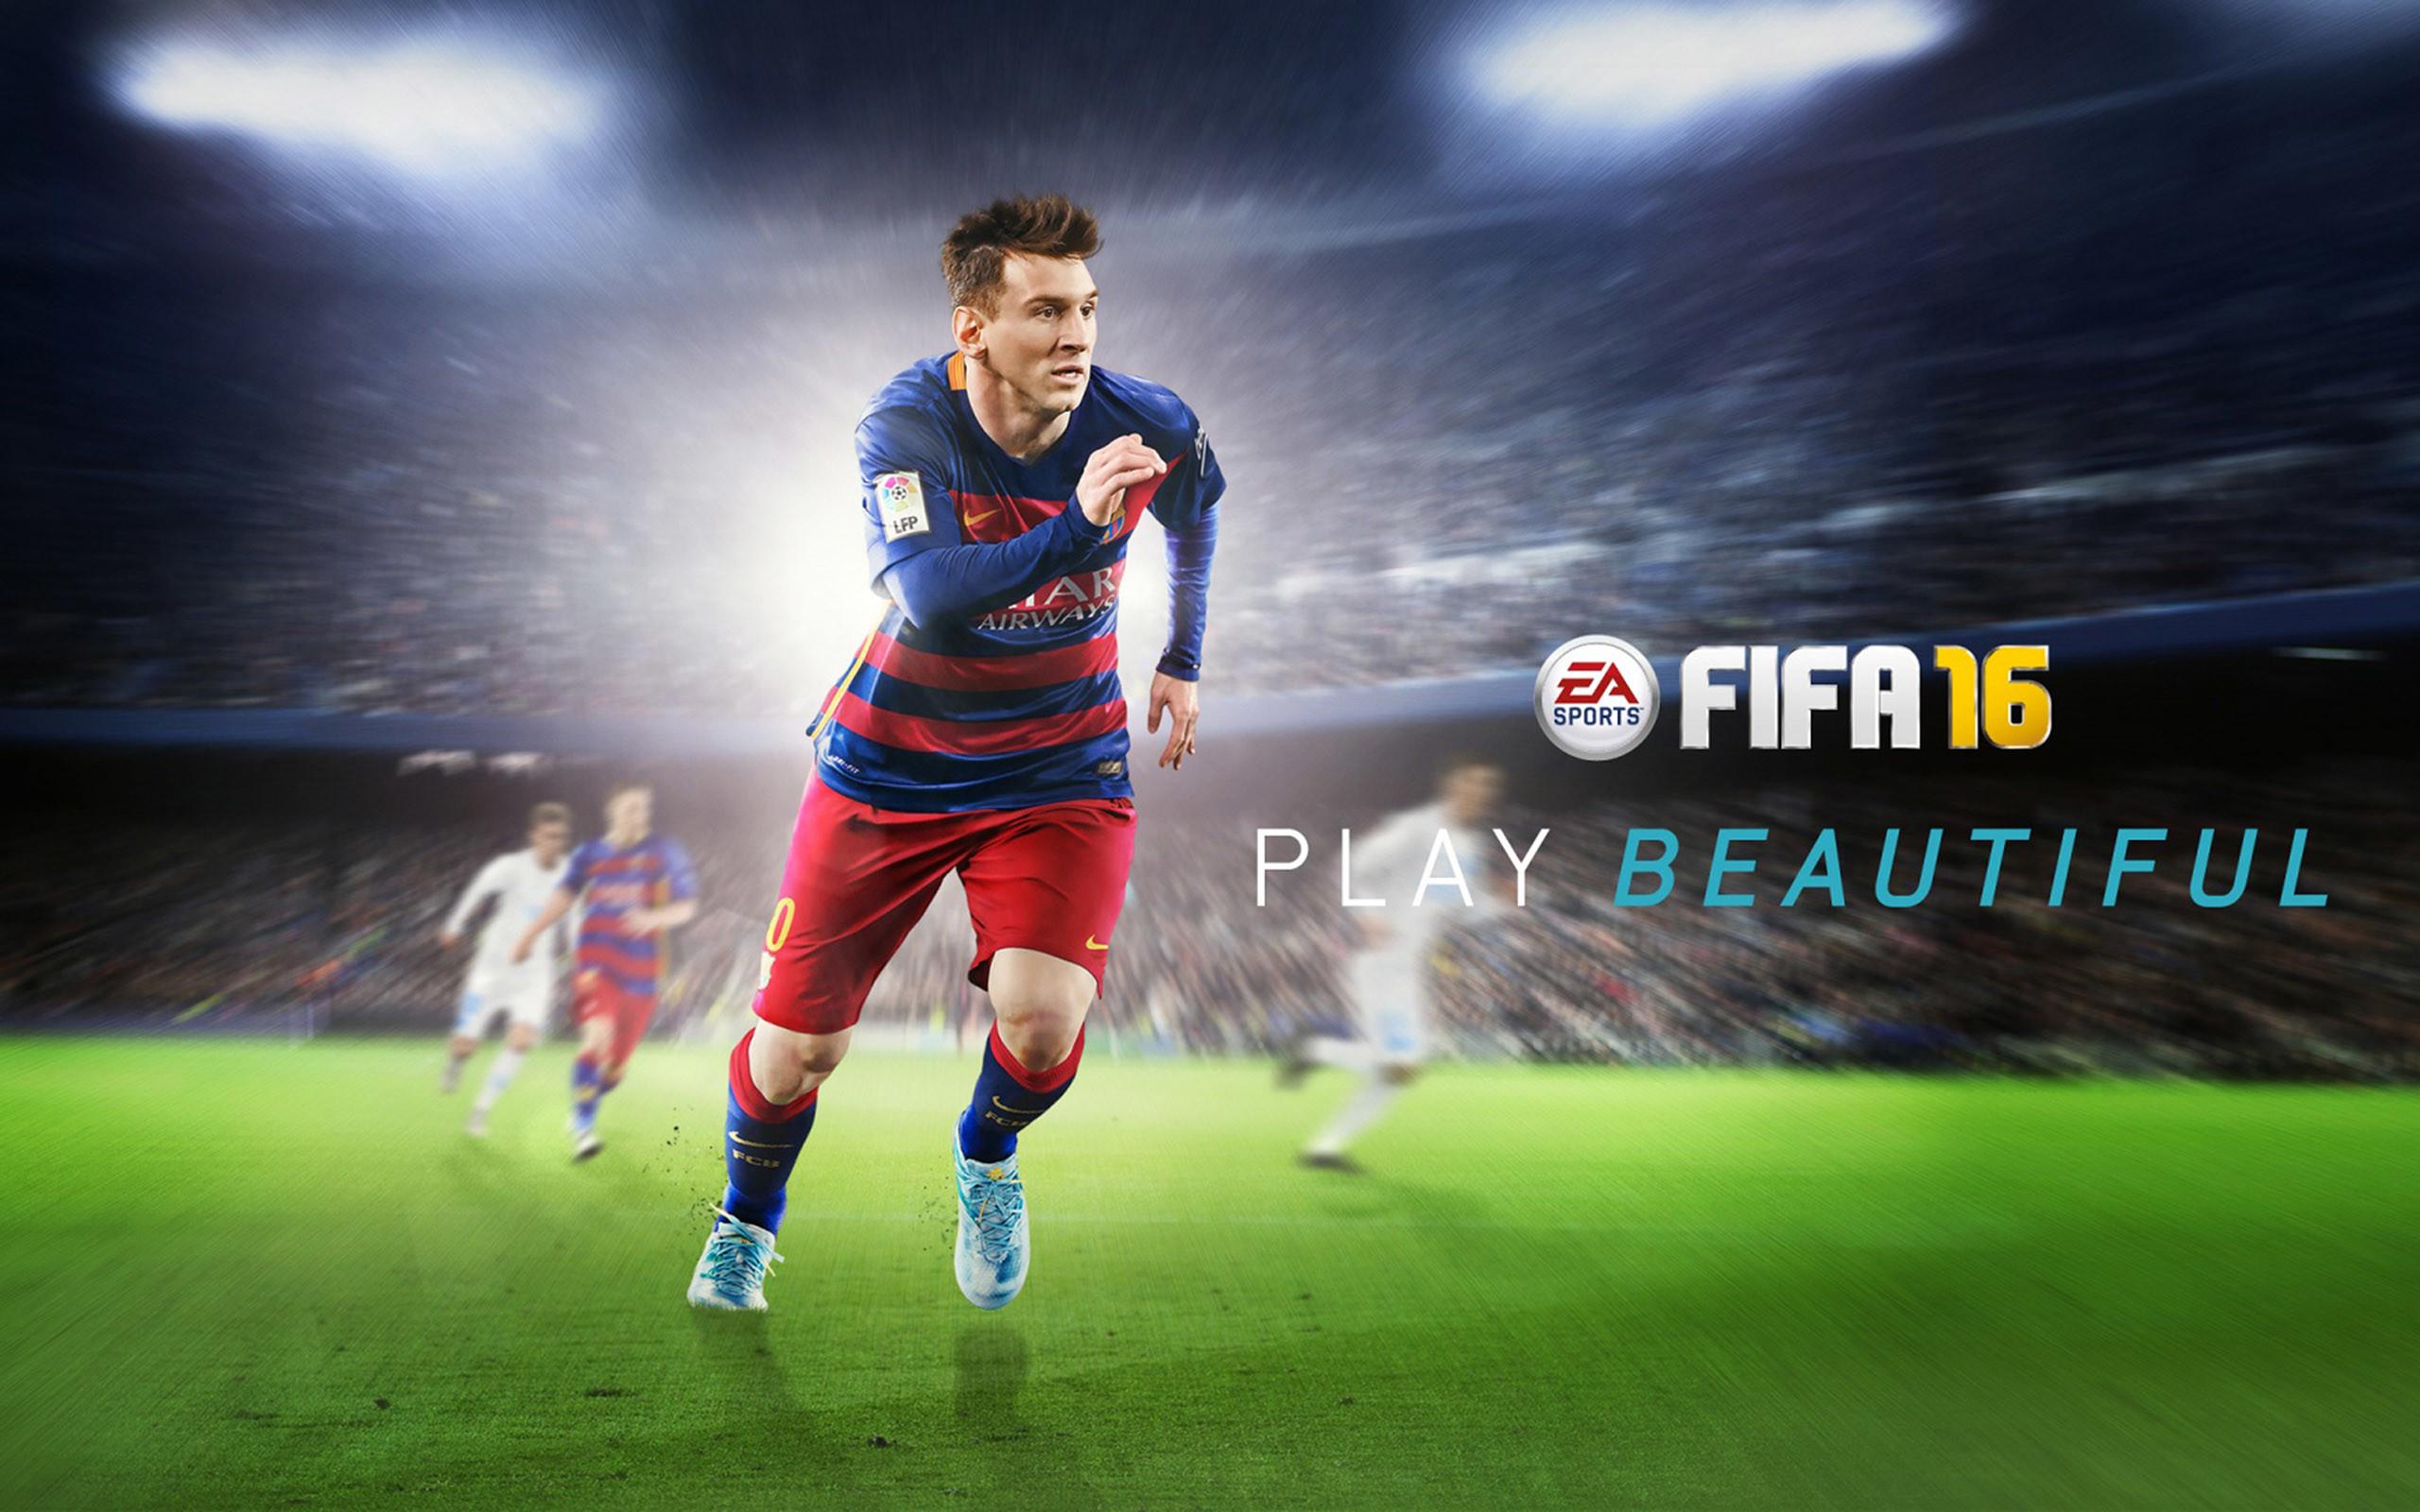 Lionel Messi FIFA 16 Wallpaper